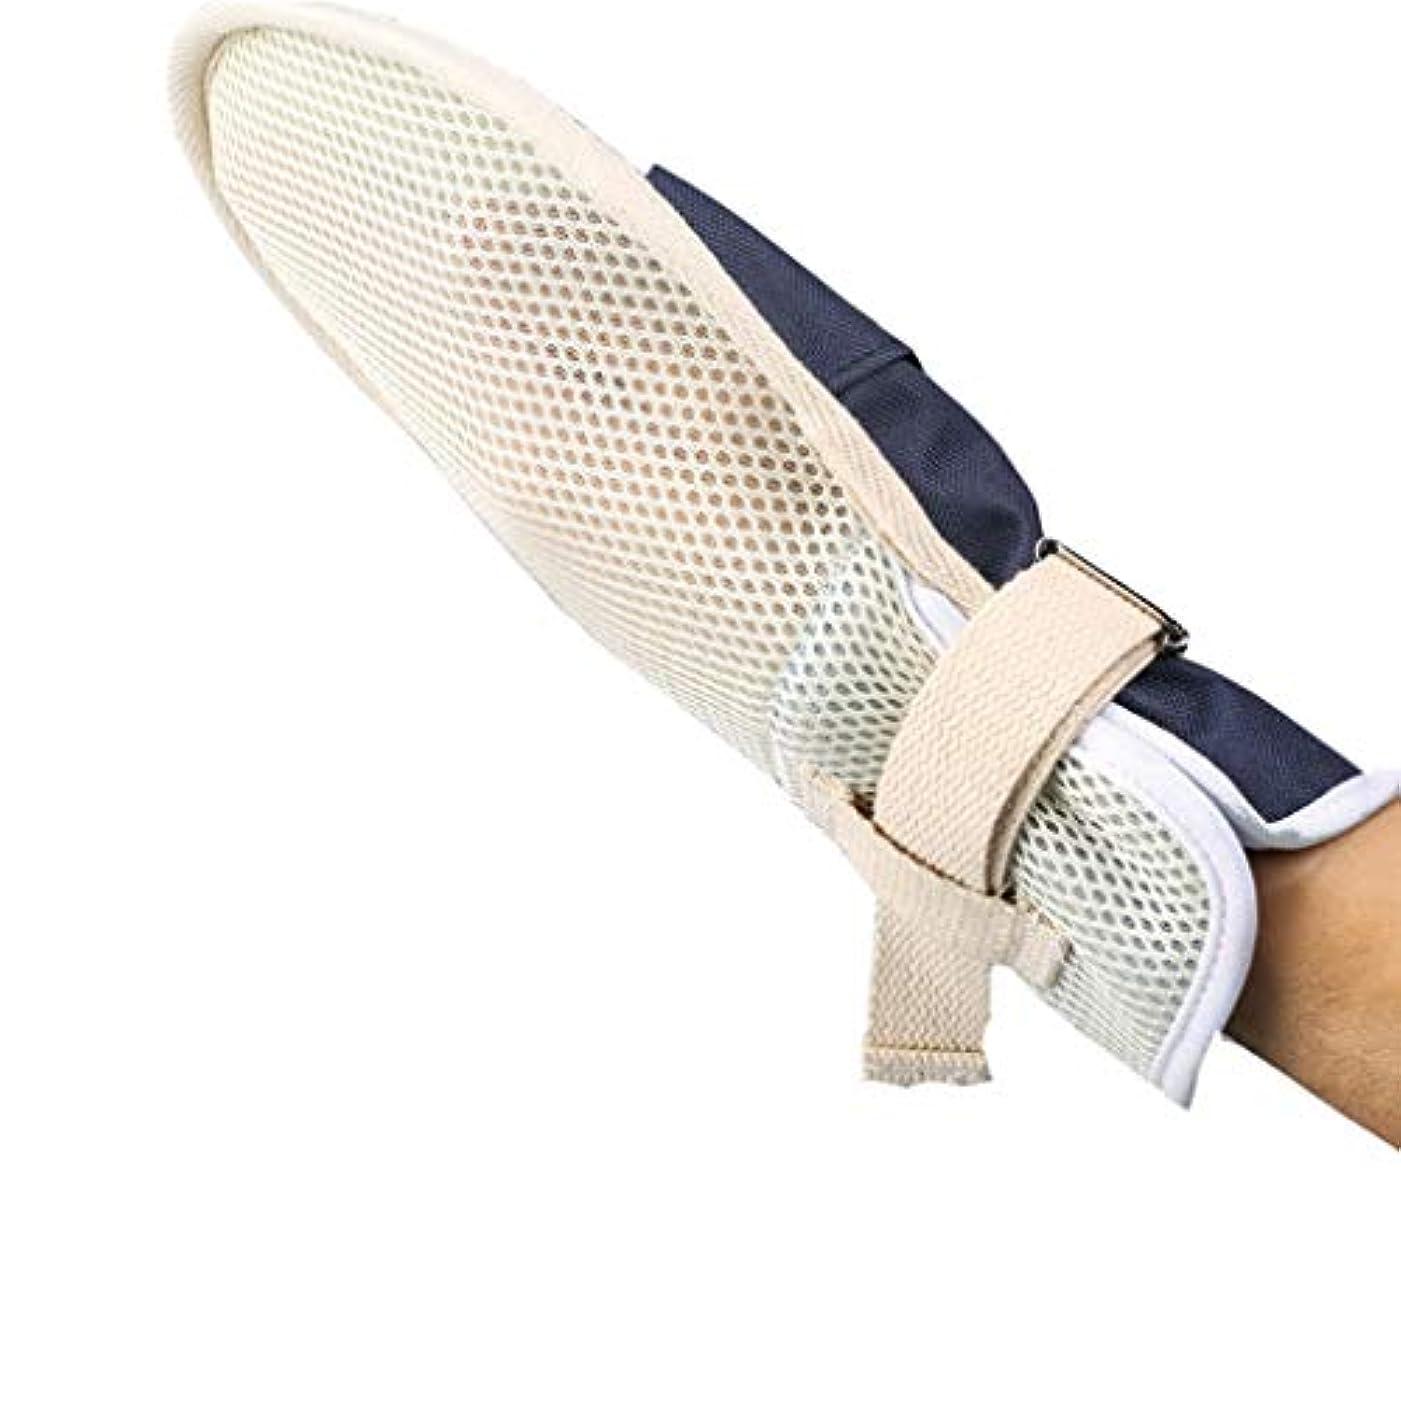 地下細断賠償医療用拘束手袋 - Ospital医療用拘束手袋、予防患者の自己傷害